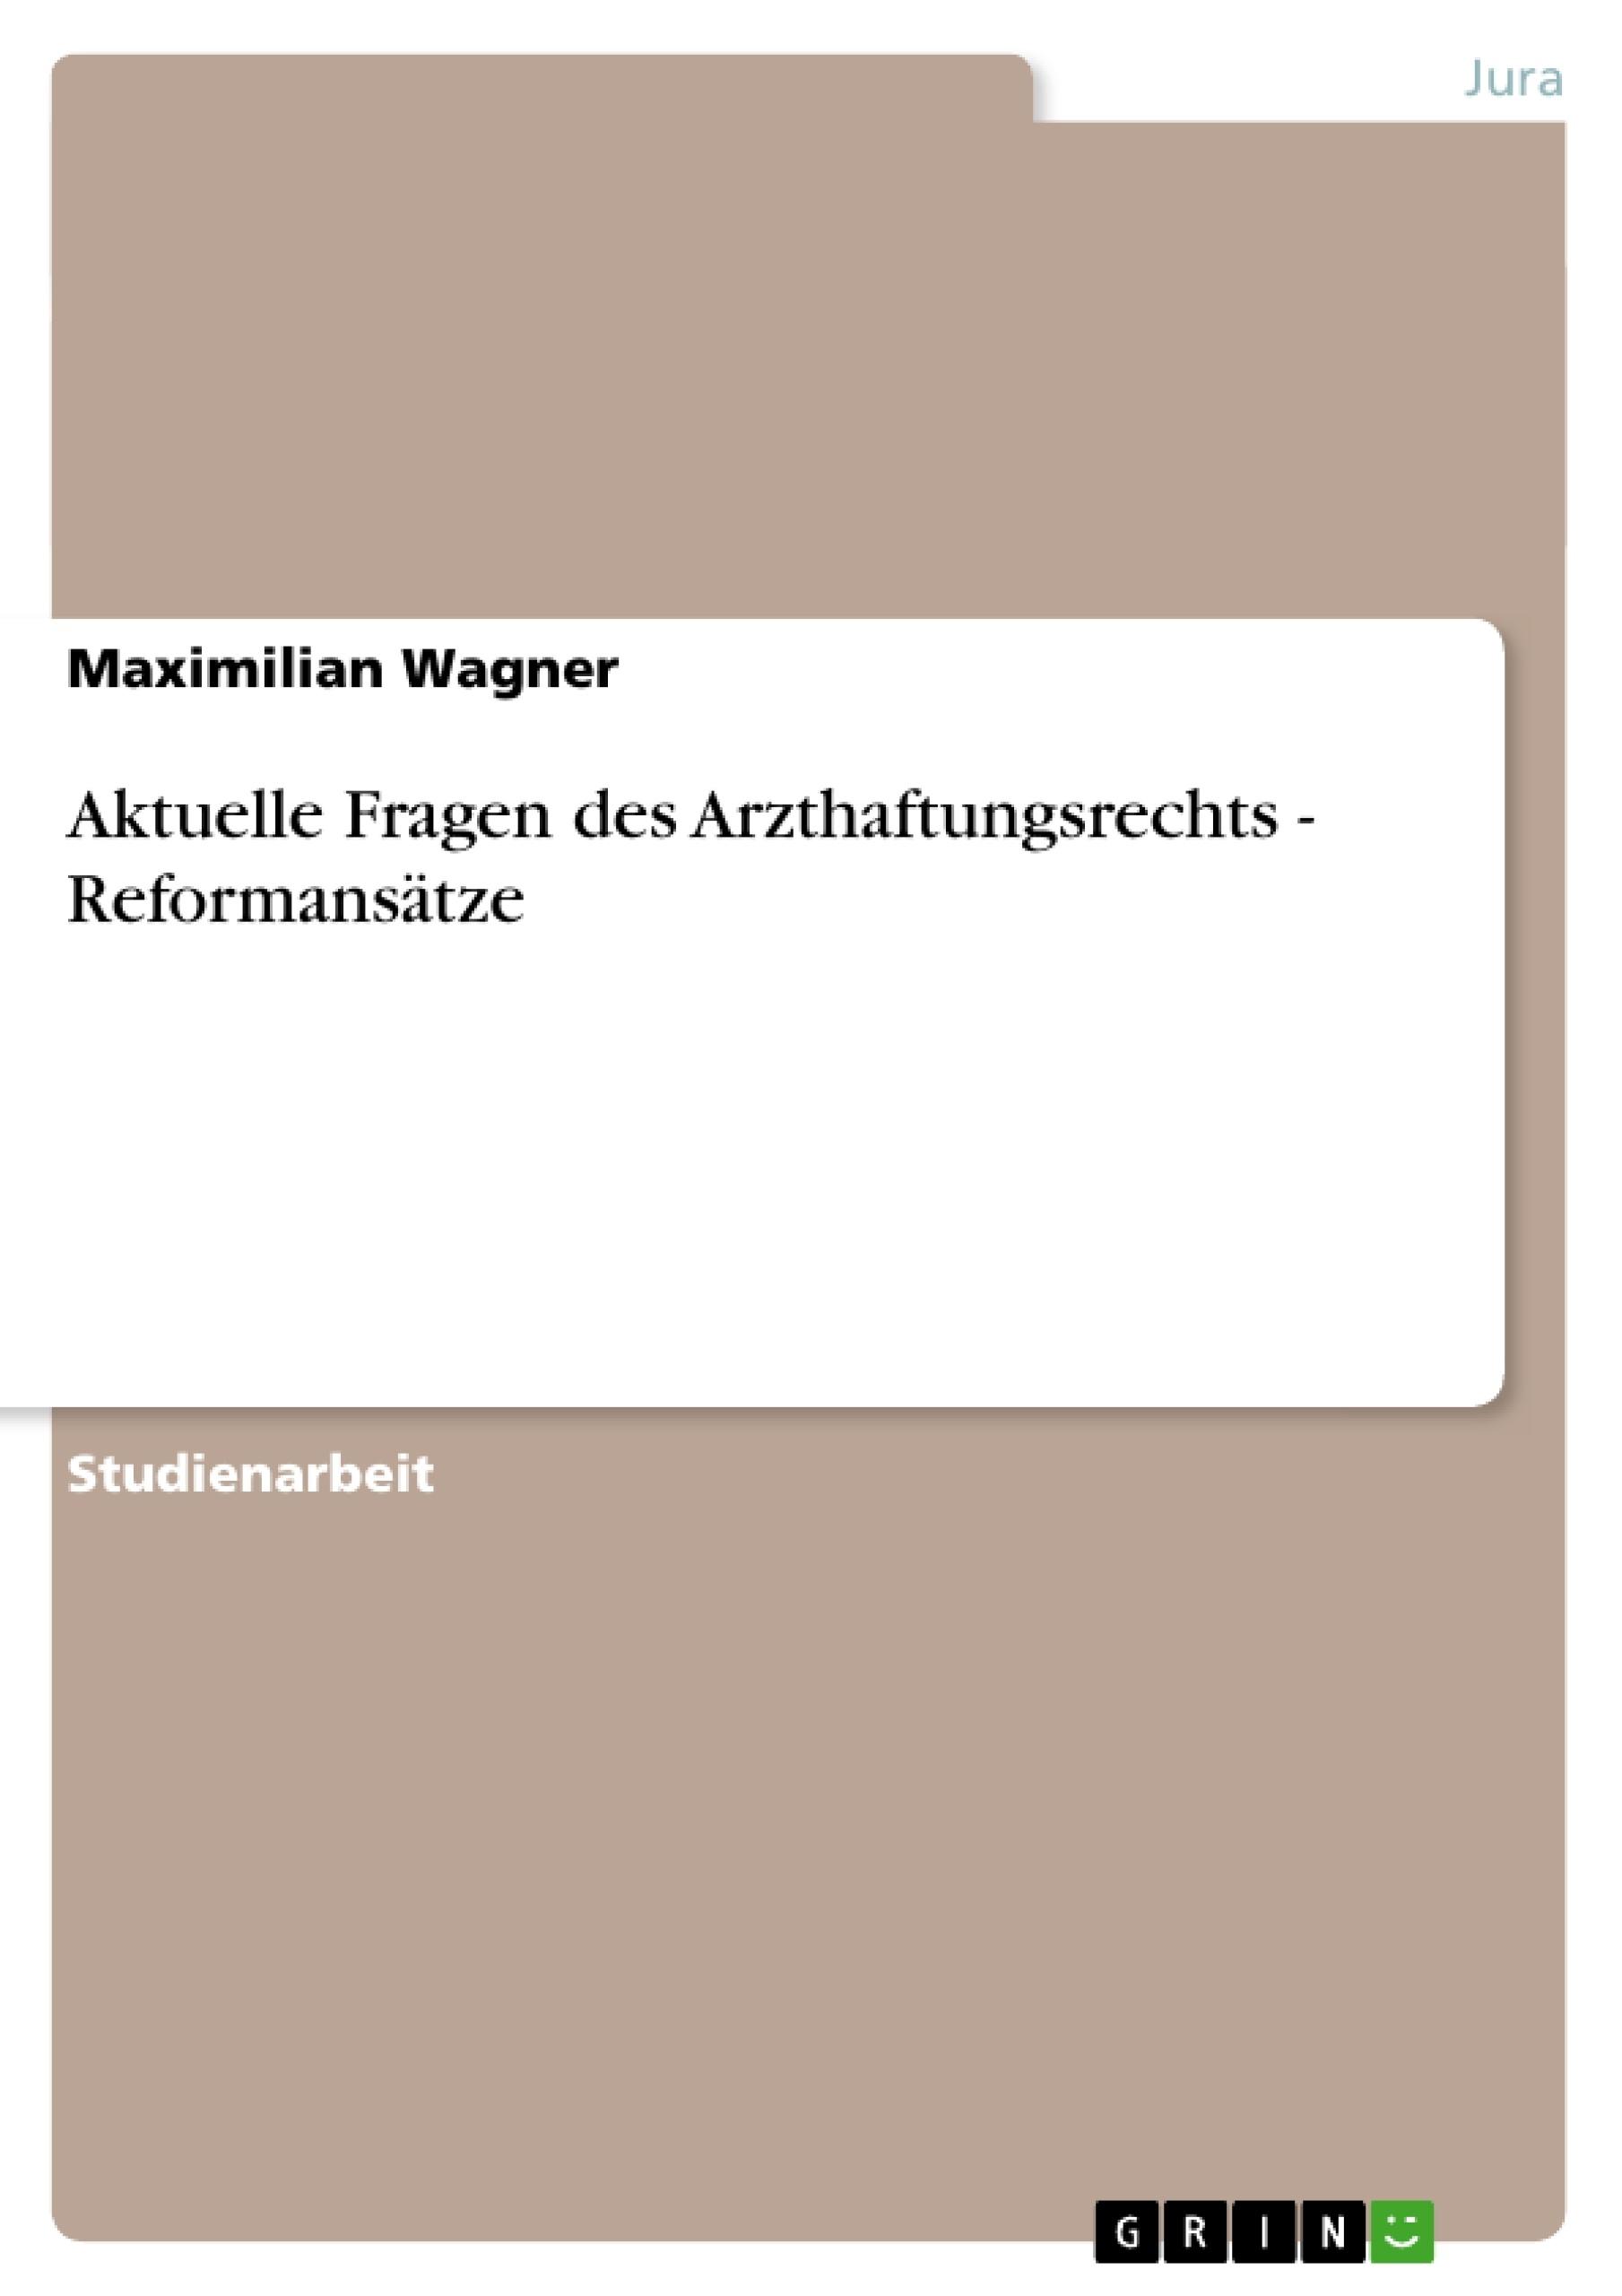 Titel: Aktuelle Fragen des Arzthaftungsrechts - Reformansätze